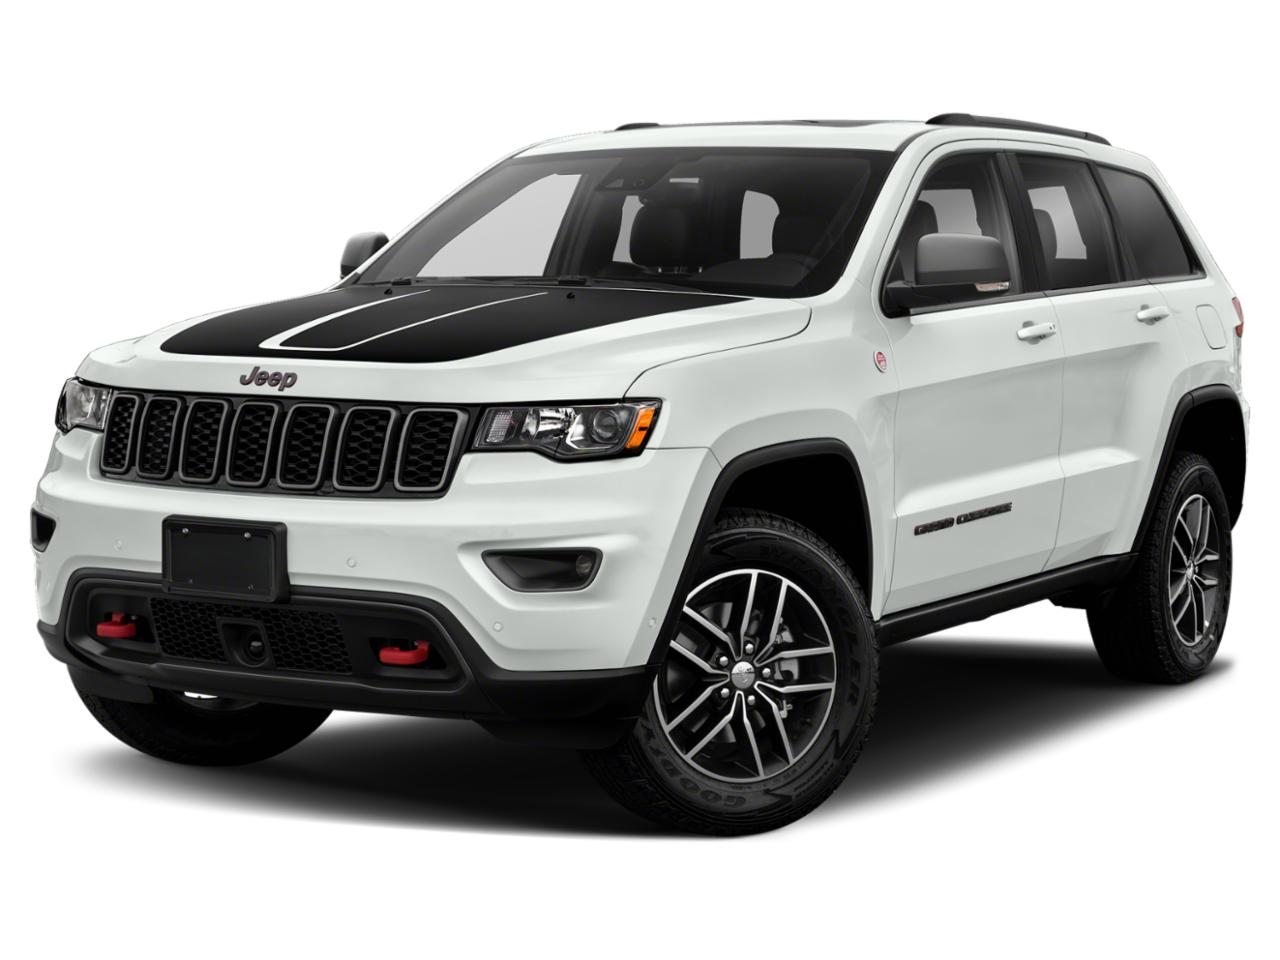 2019 Jeep Grand Cherokee Vehicle Photo in Washington, NJ 07882